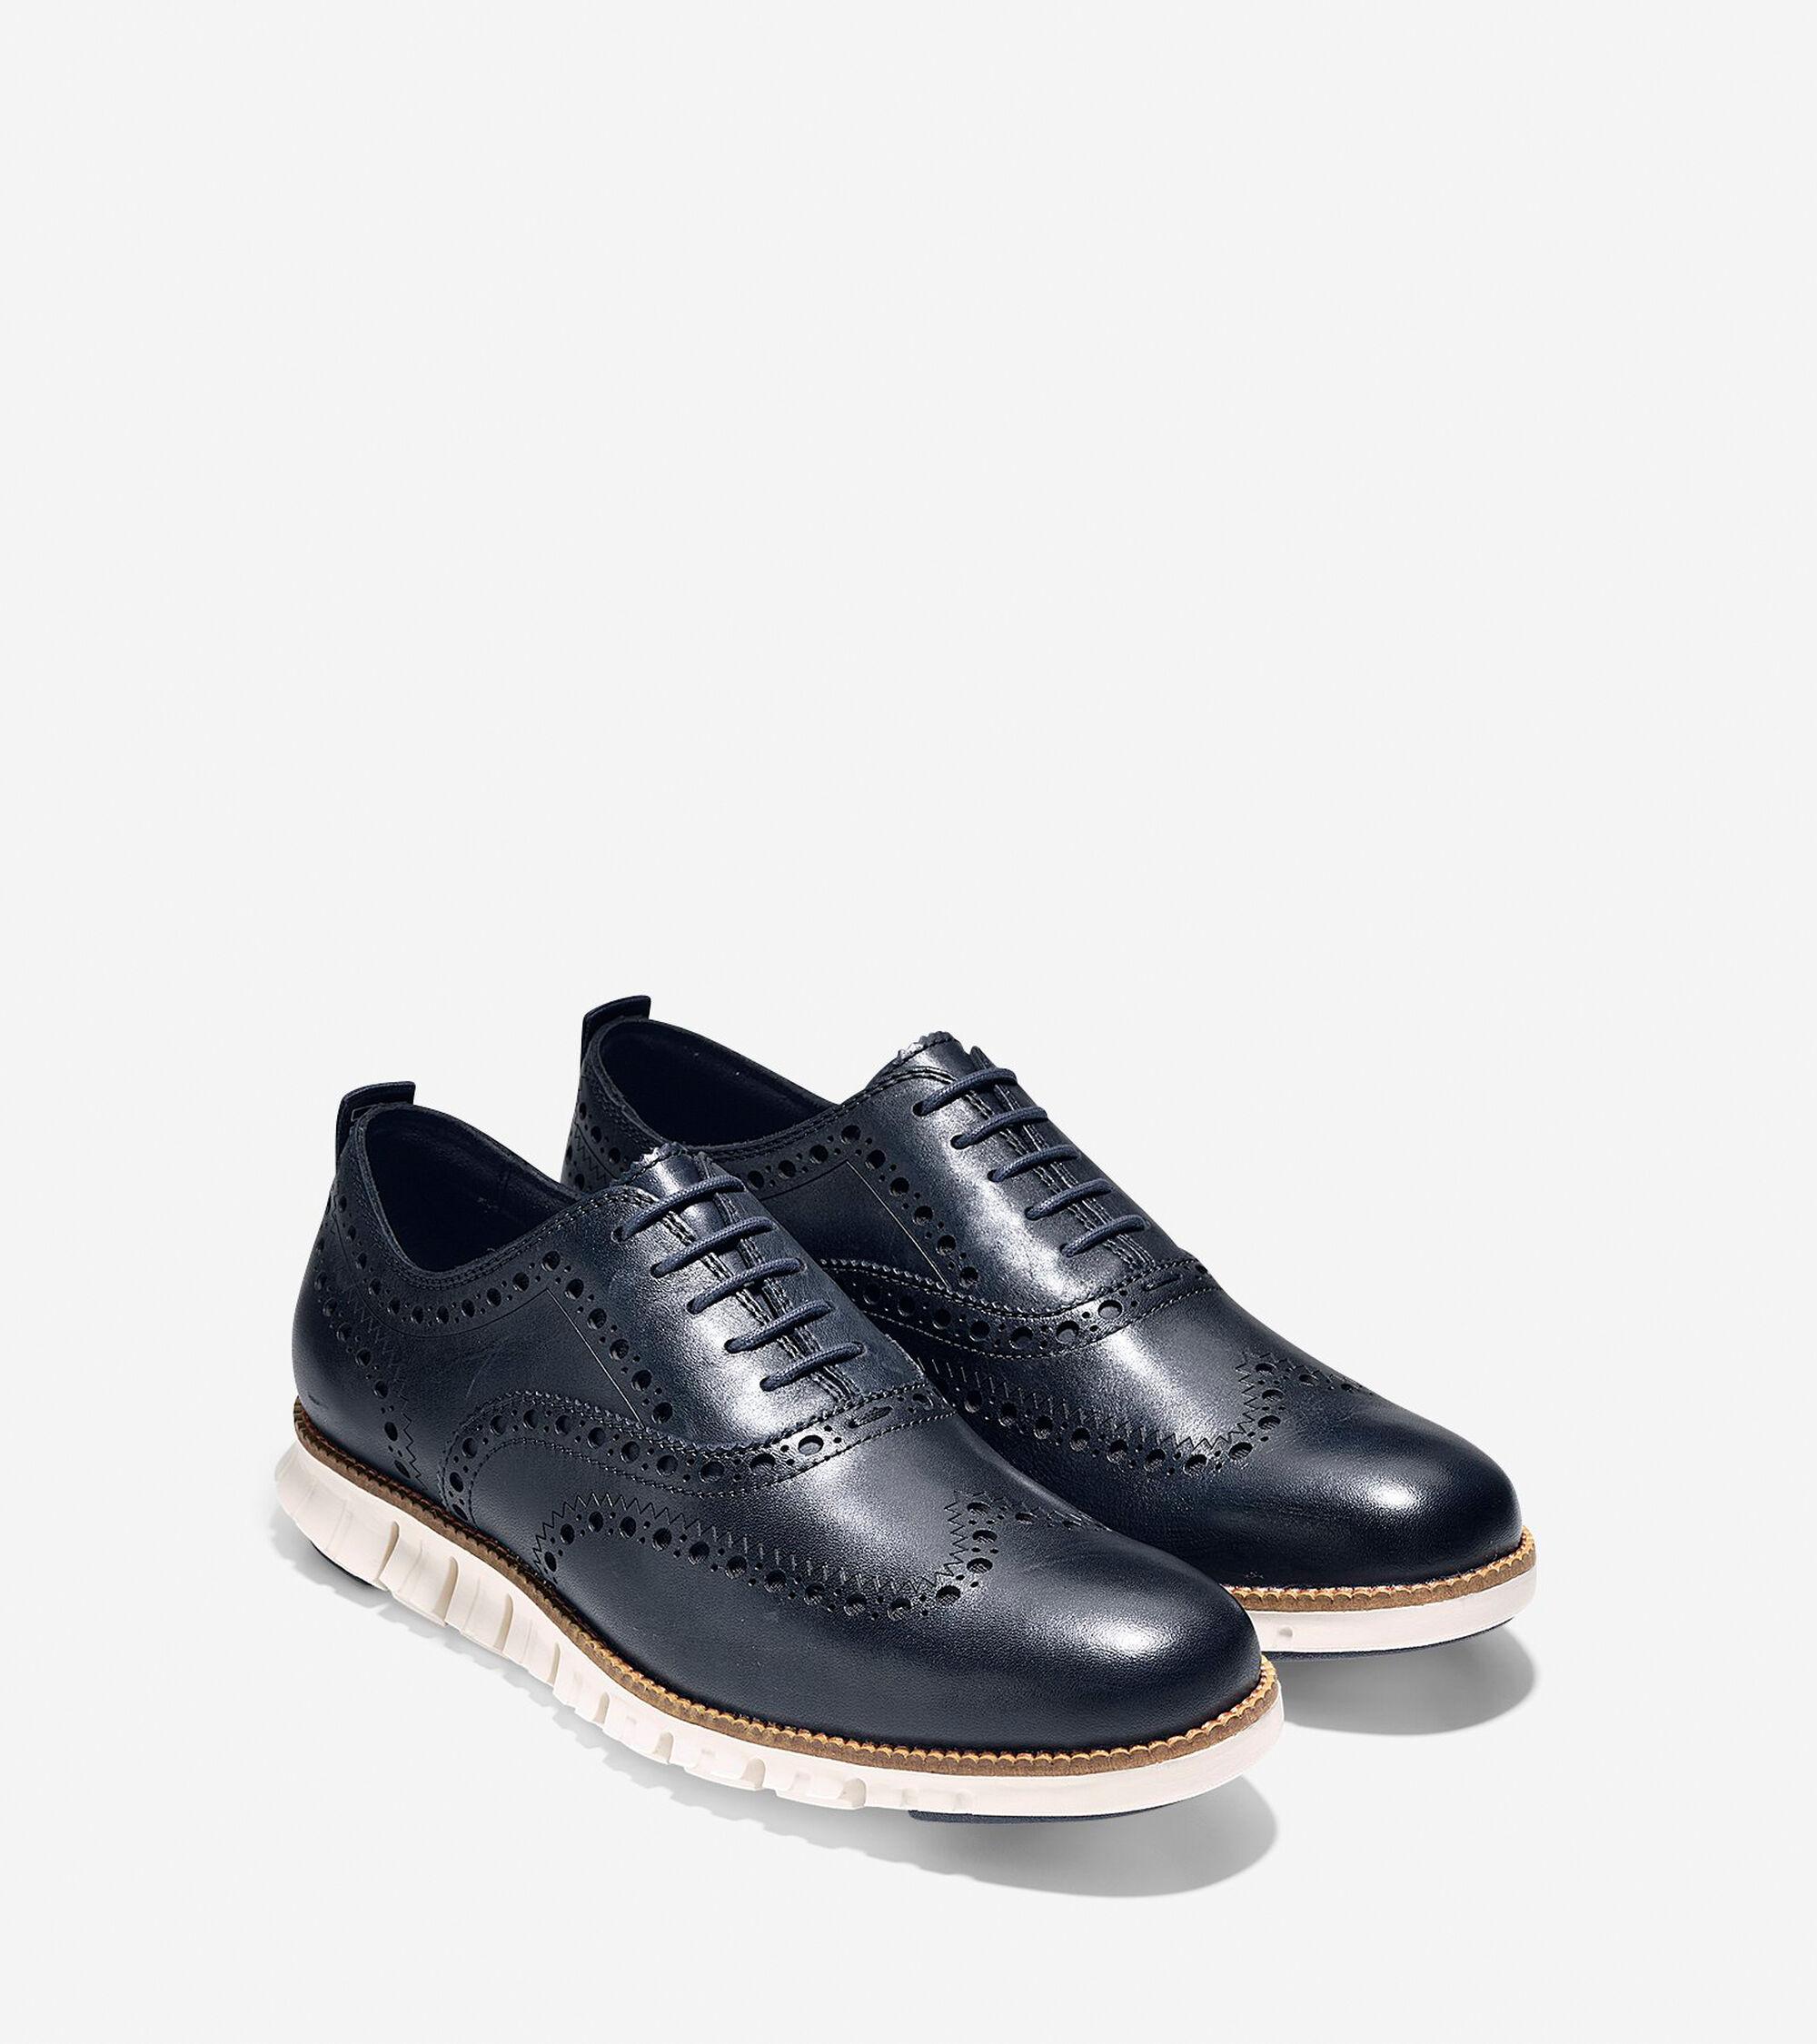 Oxfords Shoes Blue